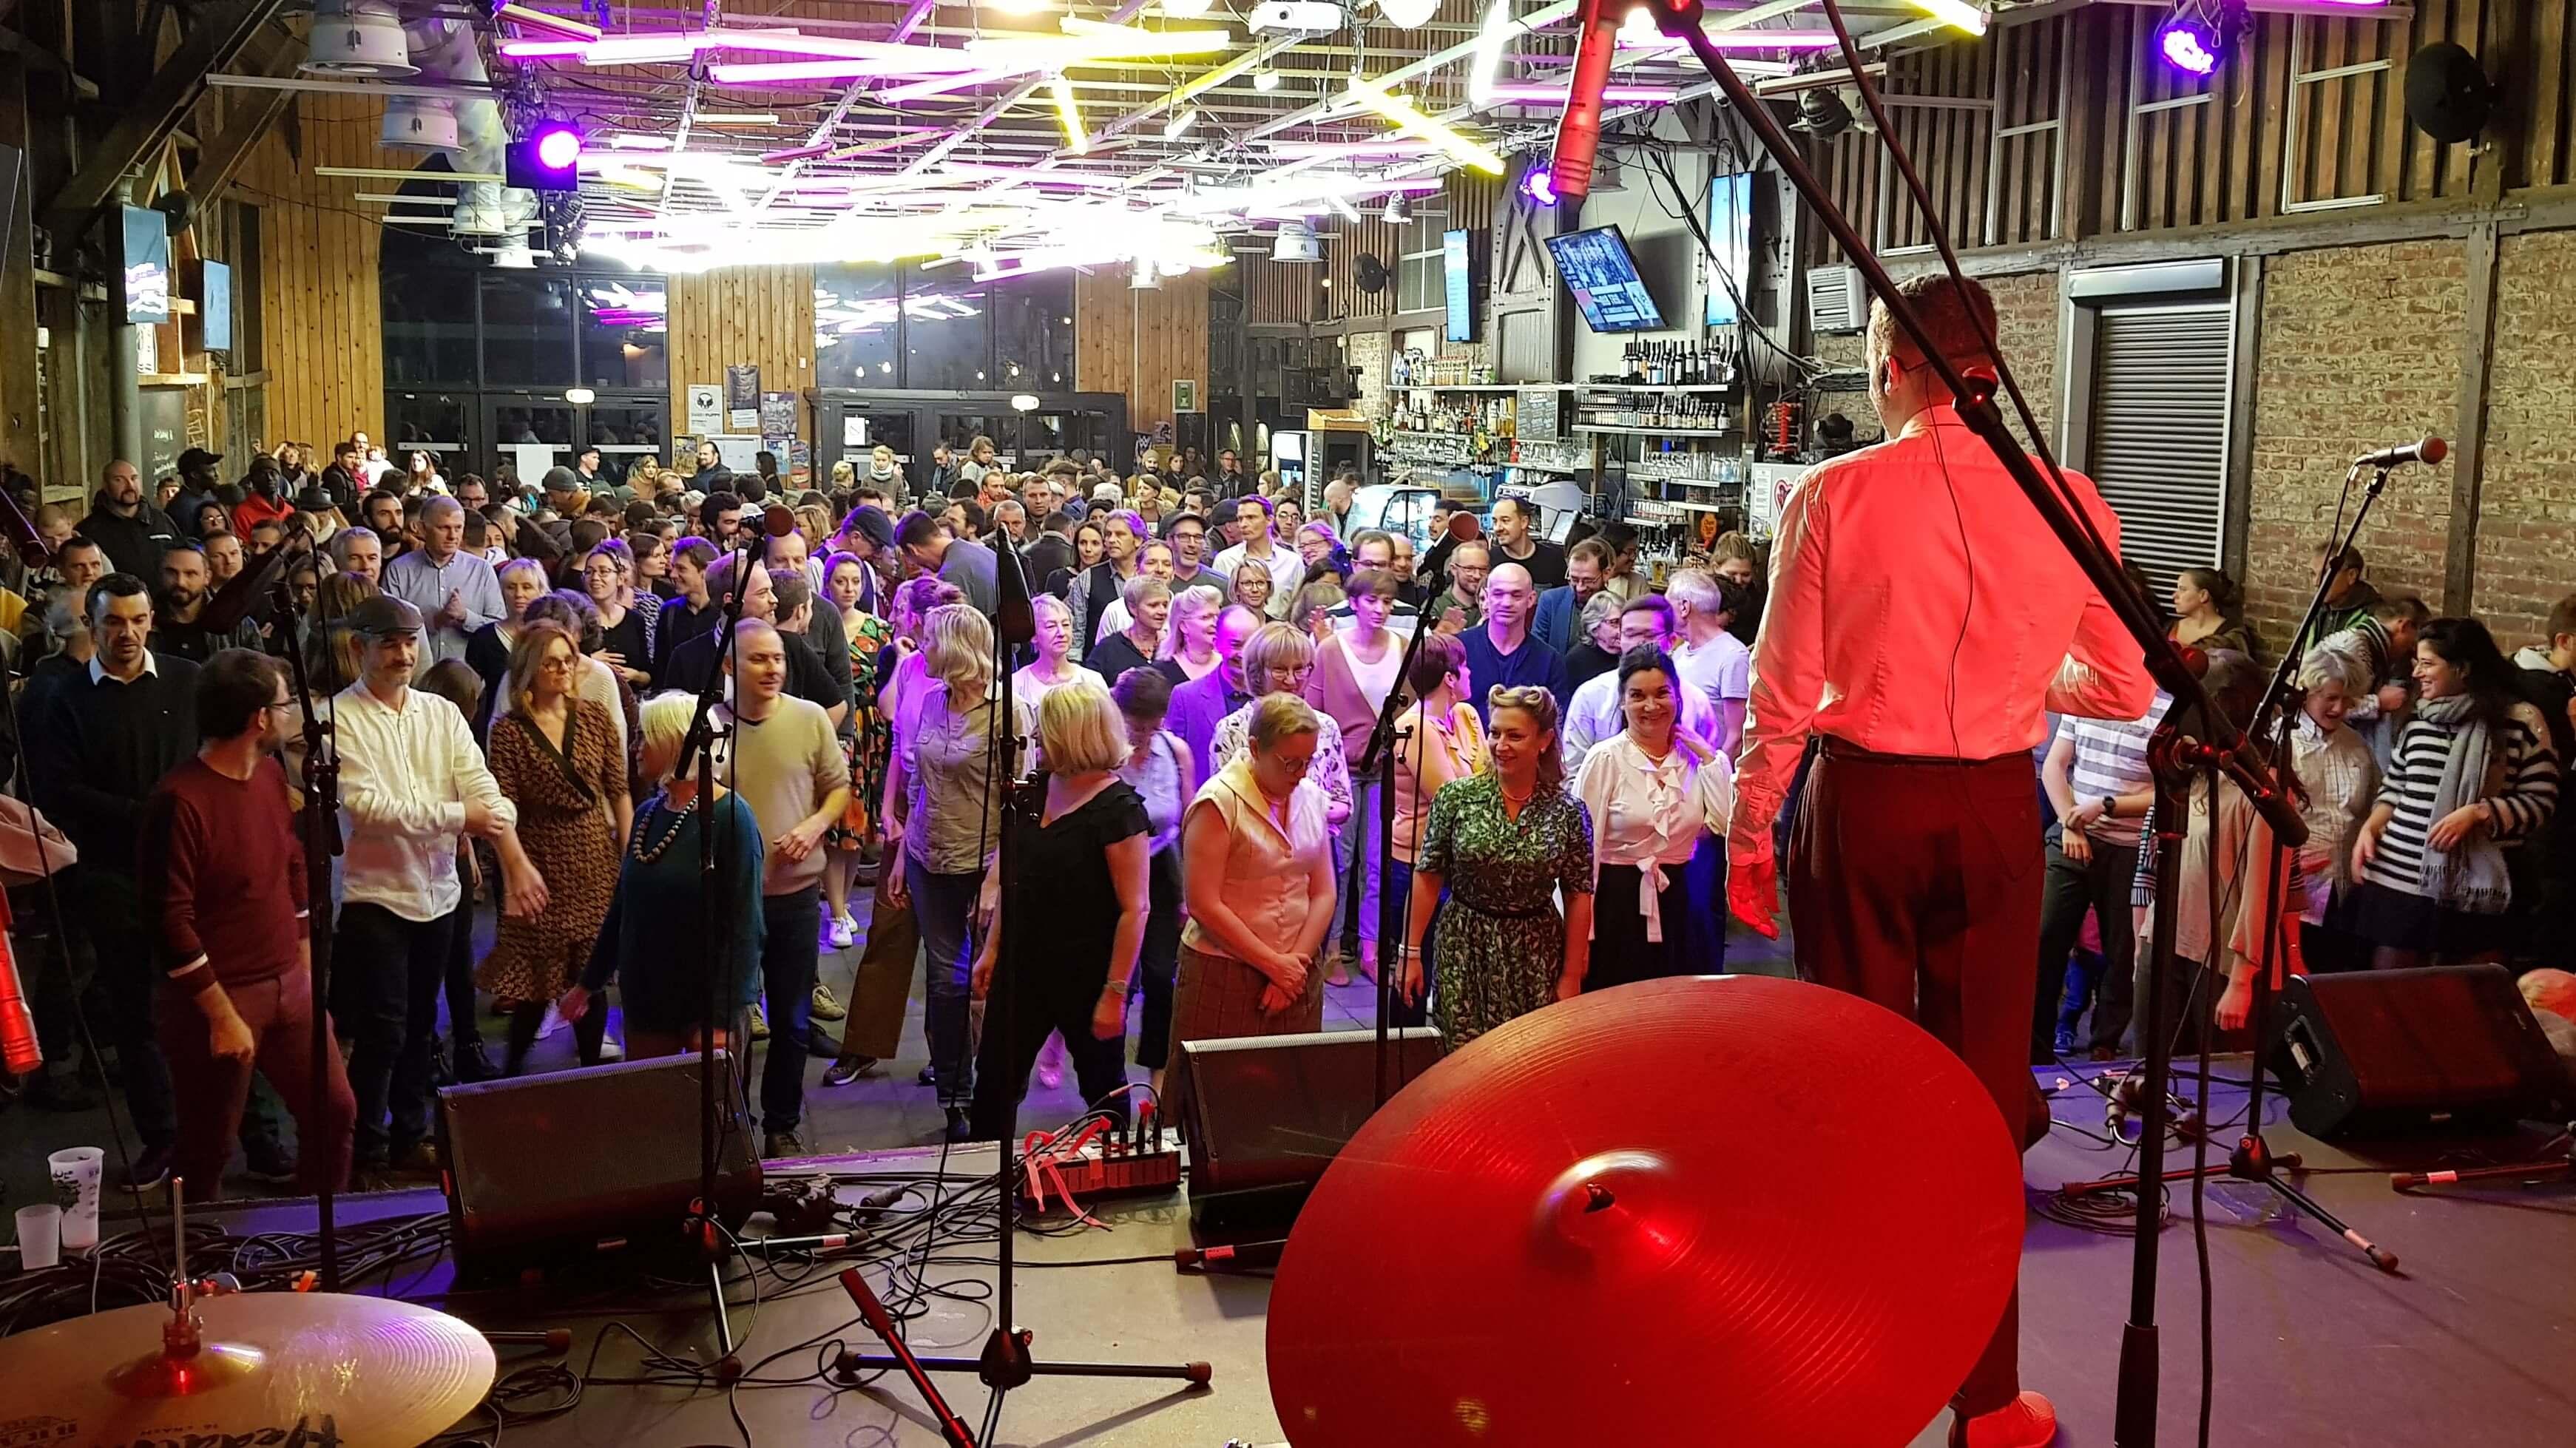 initiation jazz roots danse swing à lille gare saint sauveur pour evenement soirée années folles team building entreprise haust de france